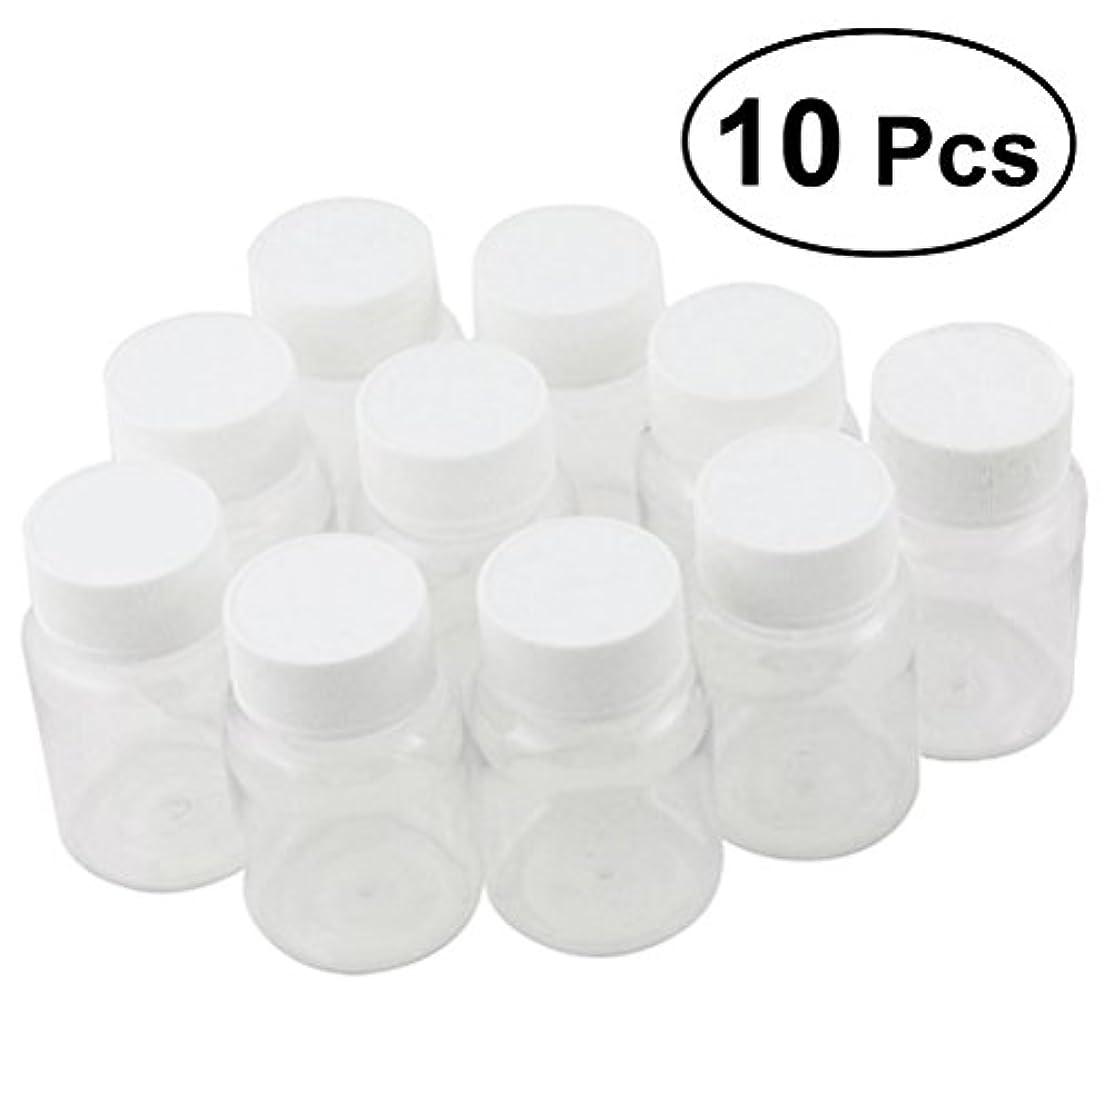 一口申請中ズボンULTNICE 小分けボトル 広口 クリア 詰め替え容器 薬保存 ビーズ収納 液体 10個セット